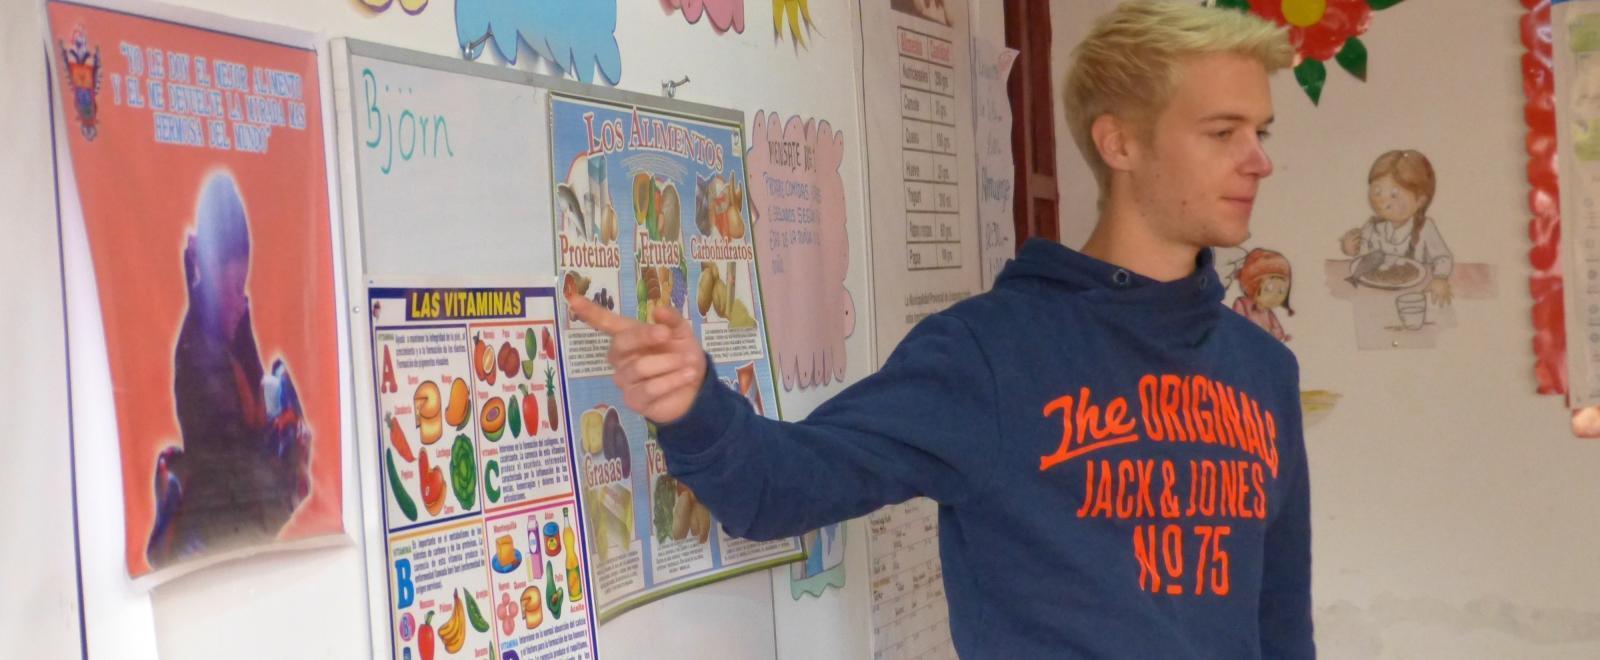 En unas prácticas para estudiantes de nutrición, un interno da una presentación sobre alimentación saludable.